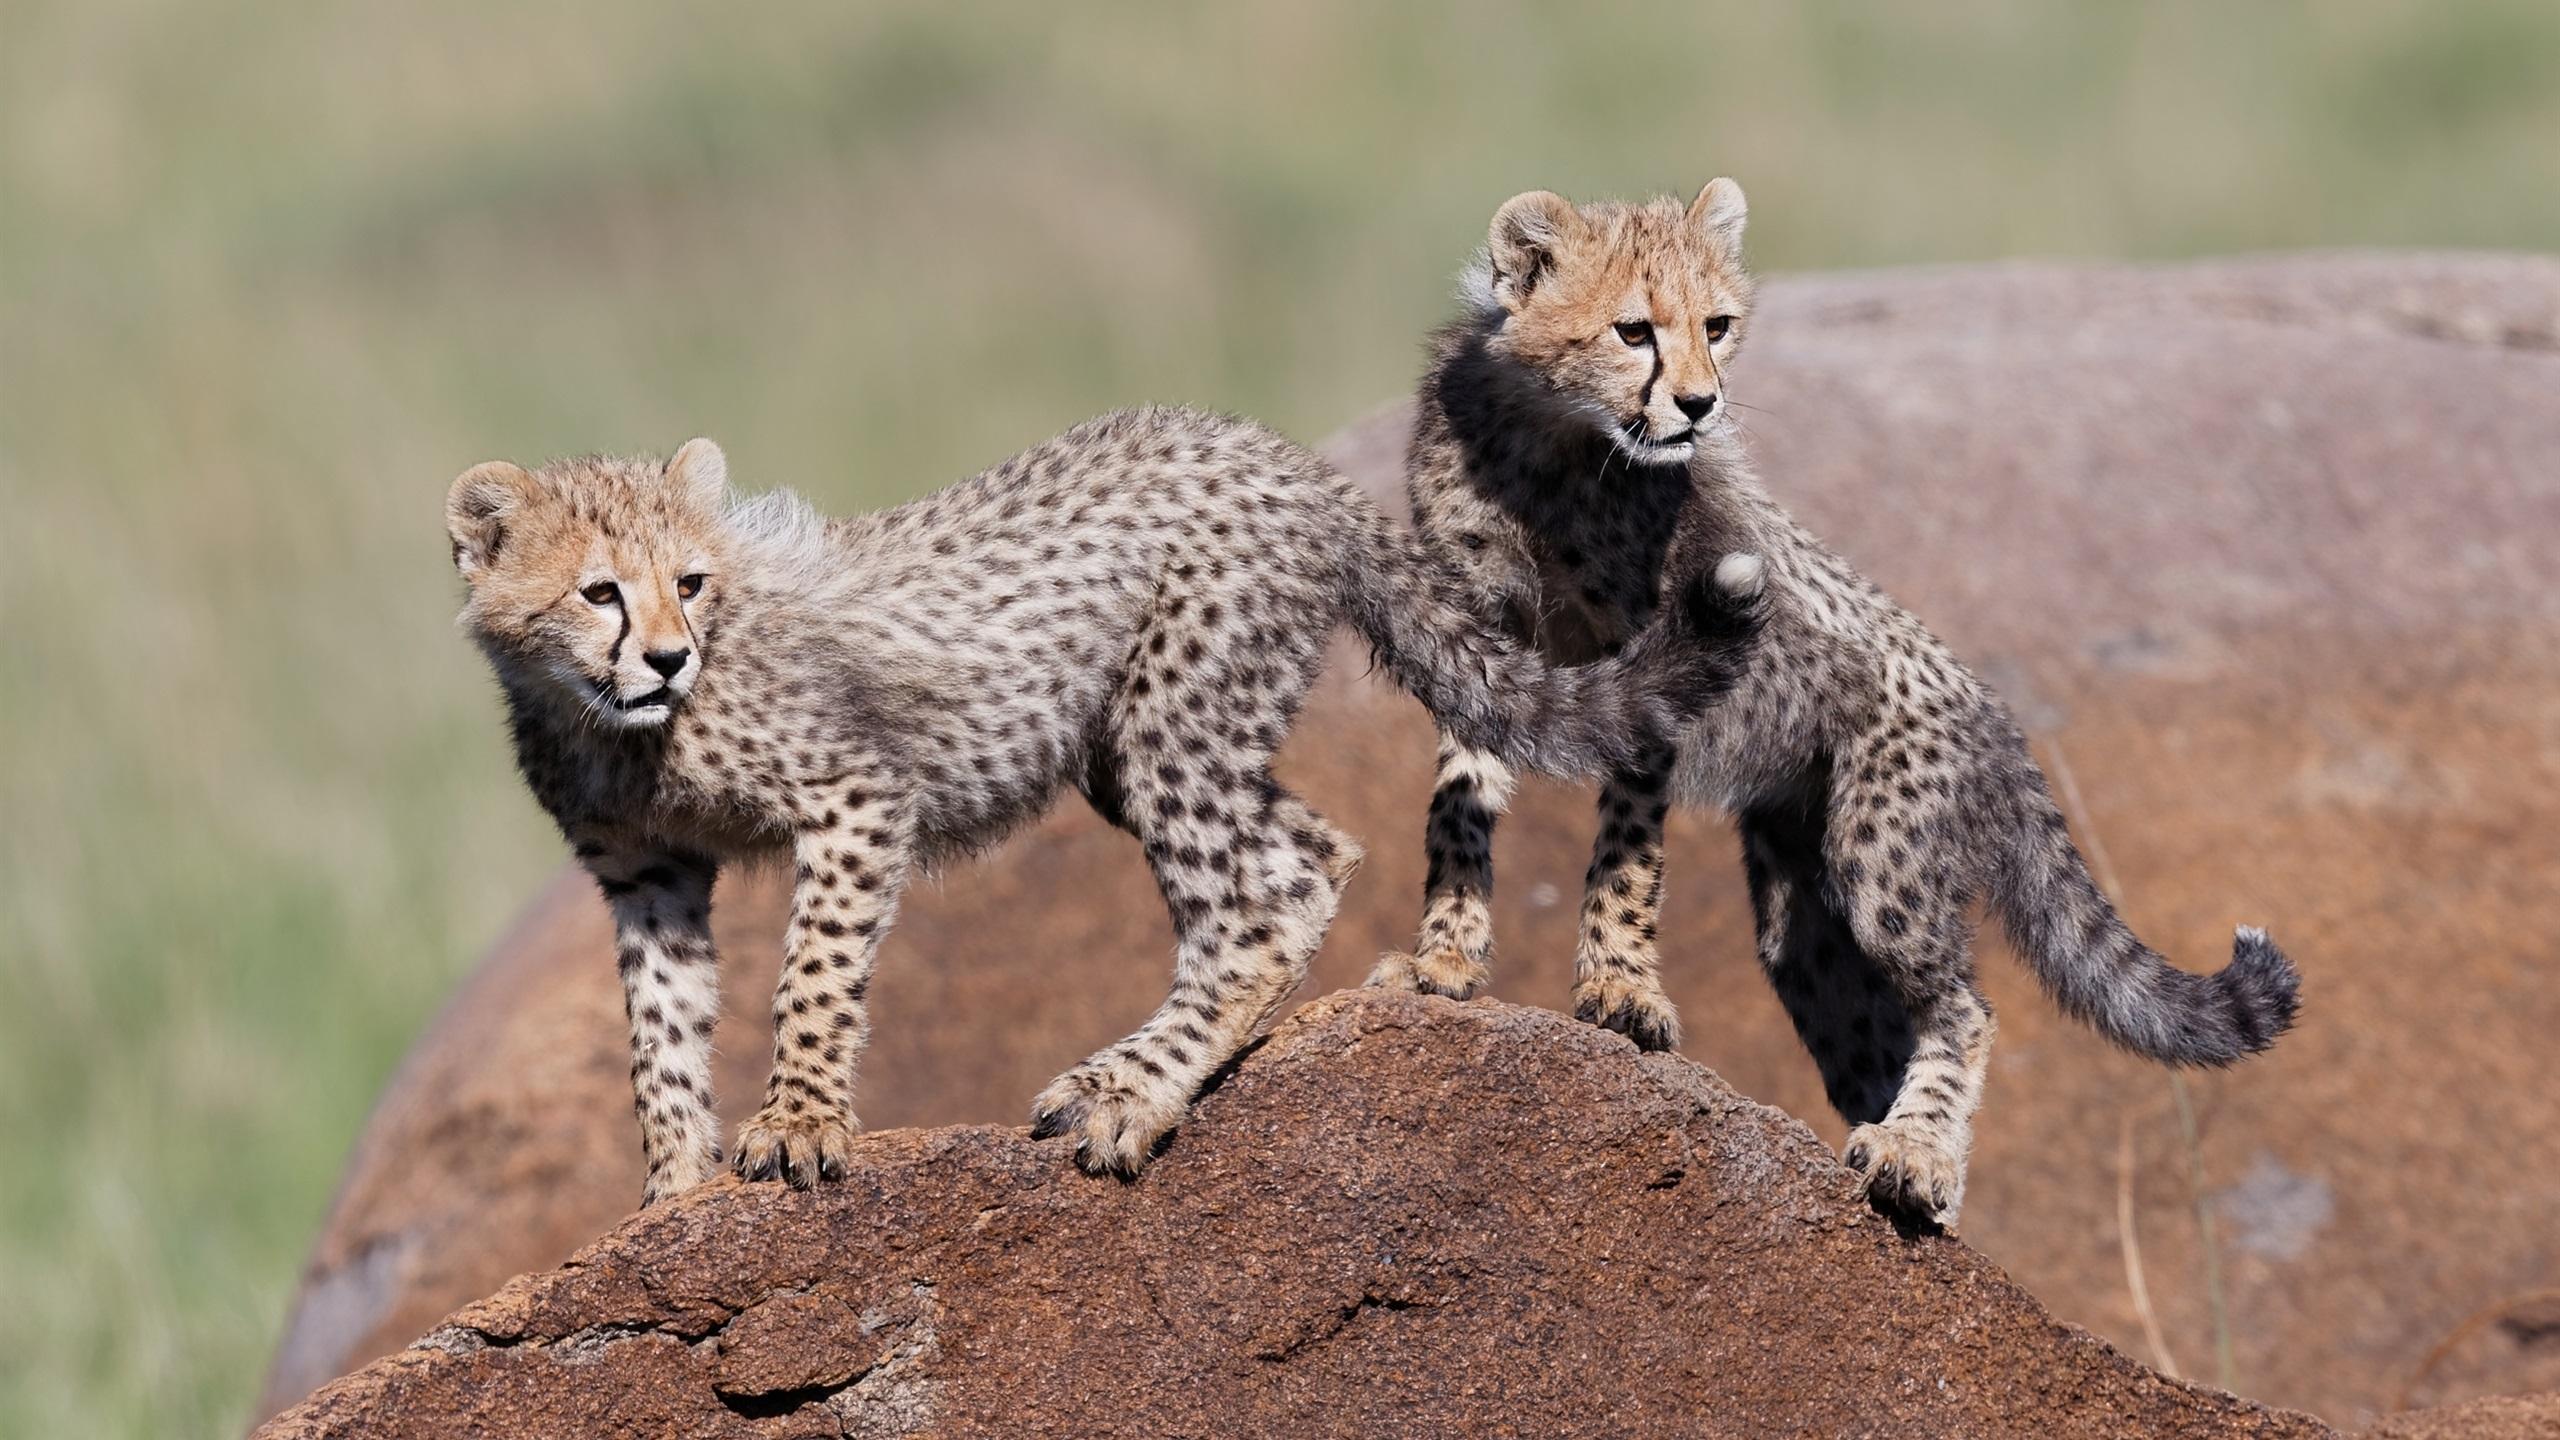 Cute cheetah cubs wallpaper